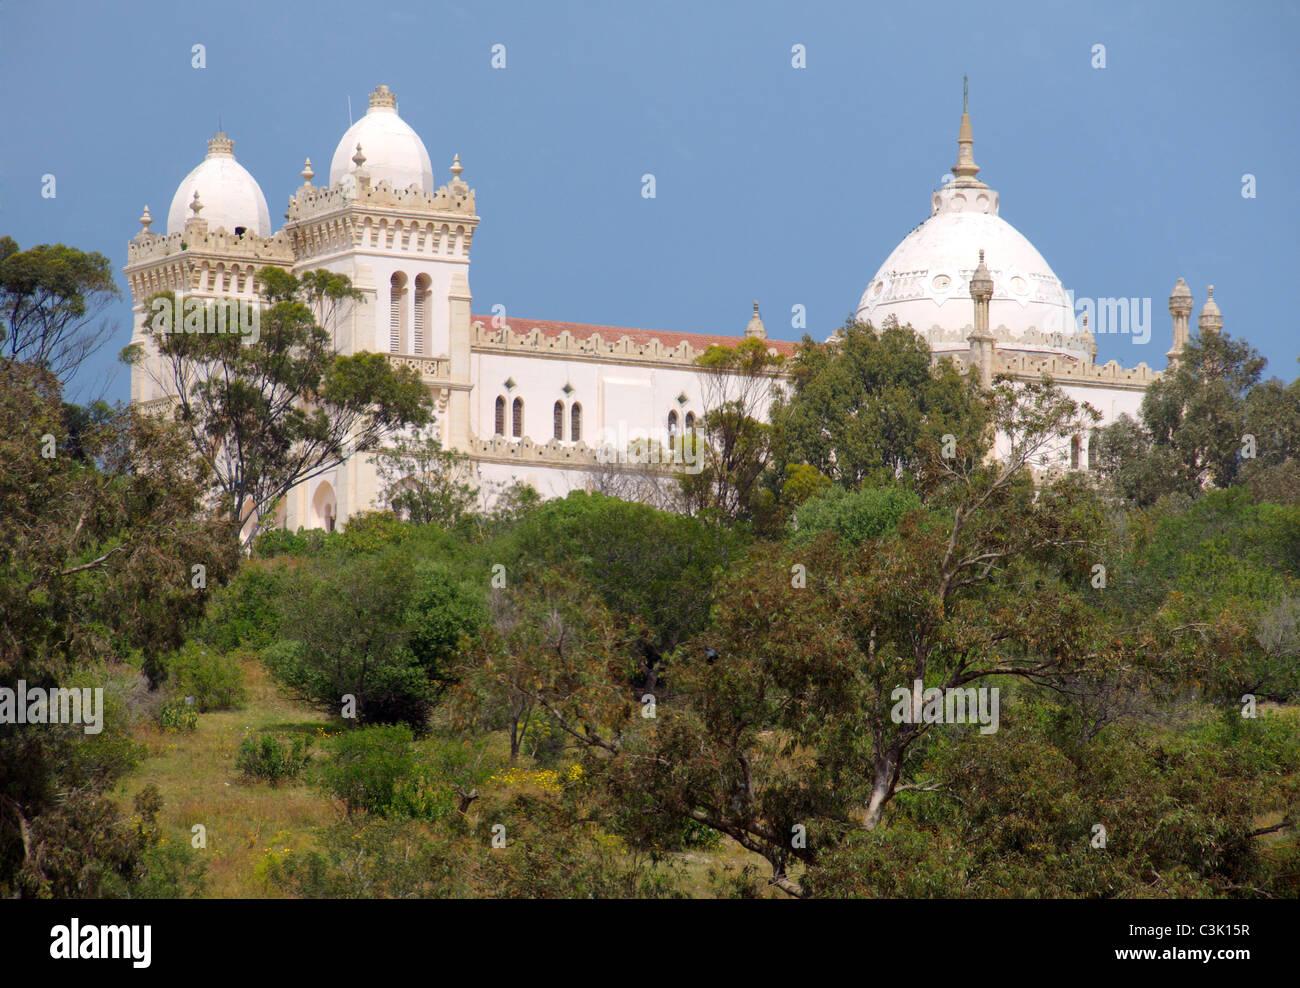 Muslim Mosque, Tunisia - Stock Image